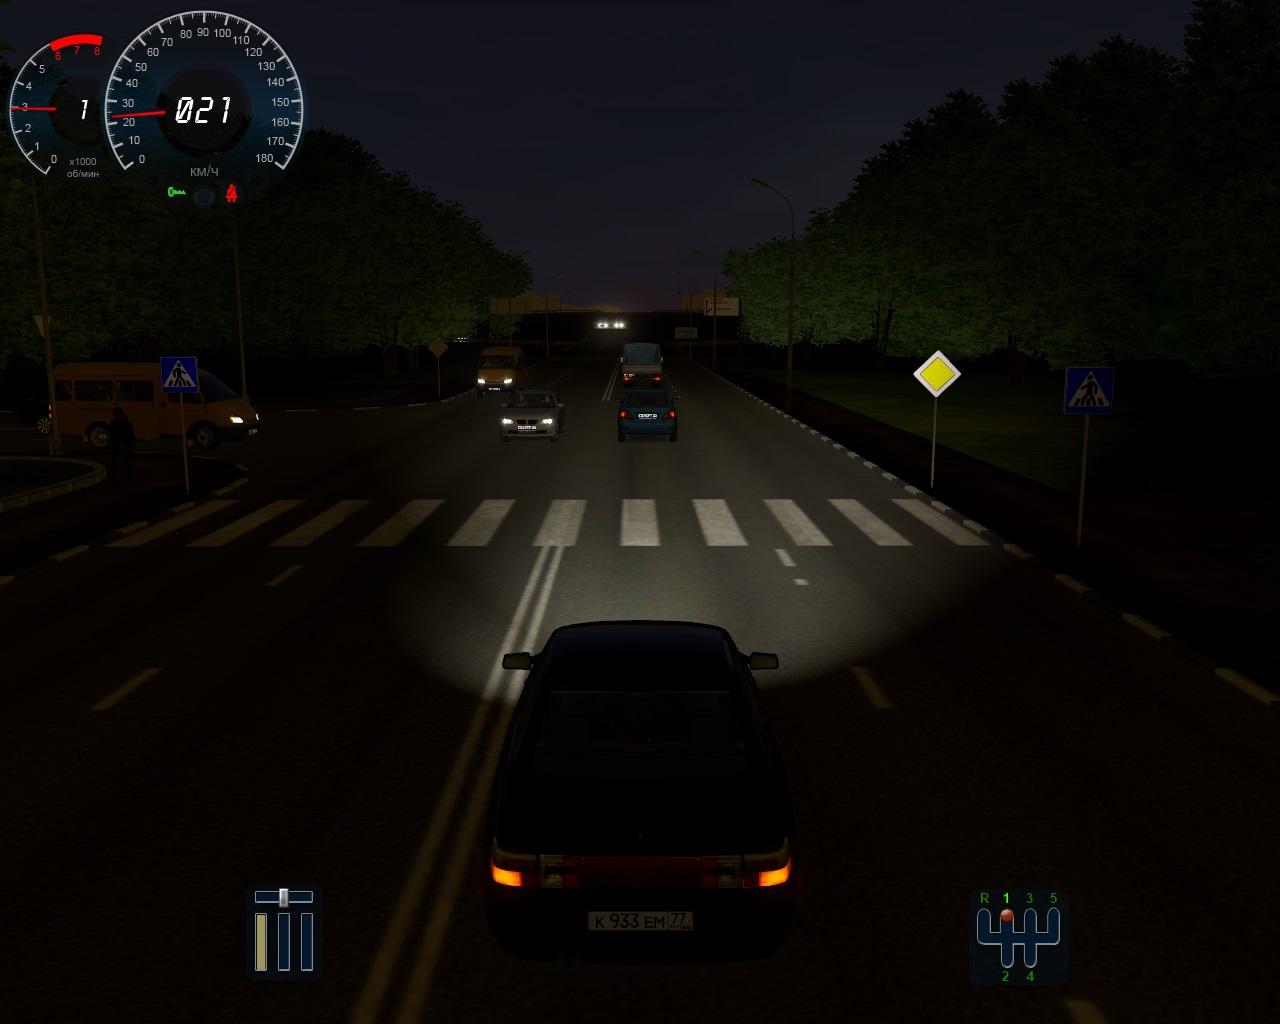 игры вождение. игры симуляторы вождения онлайн